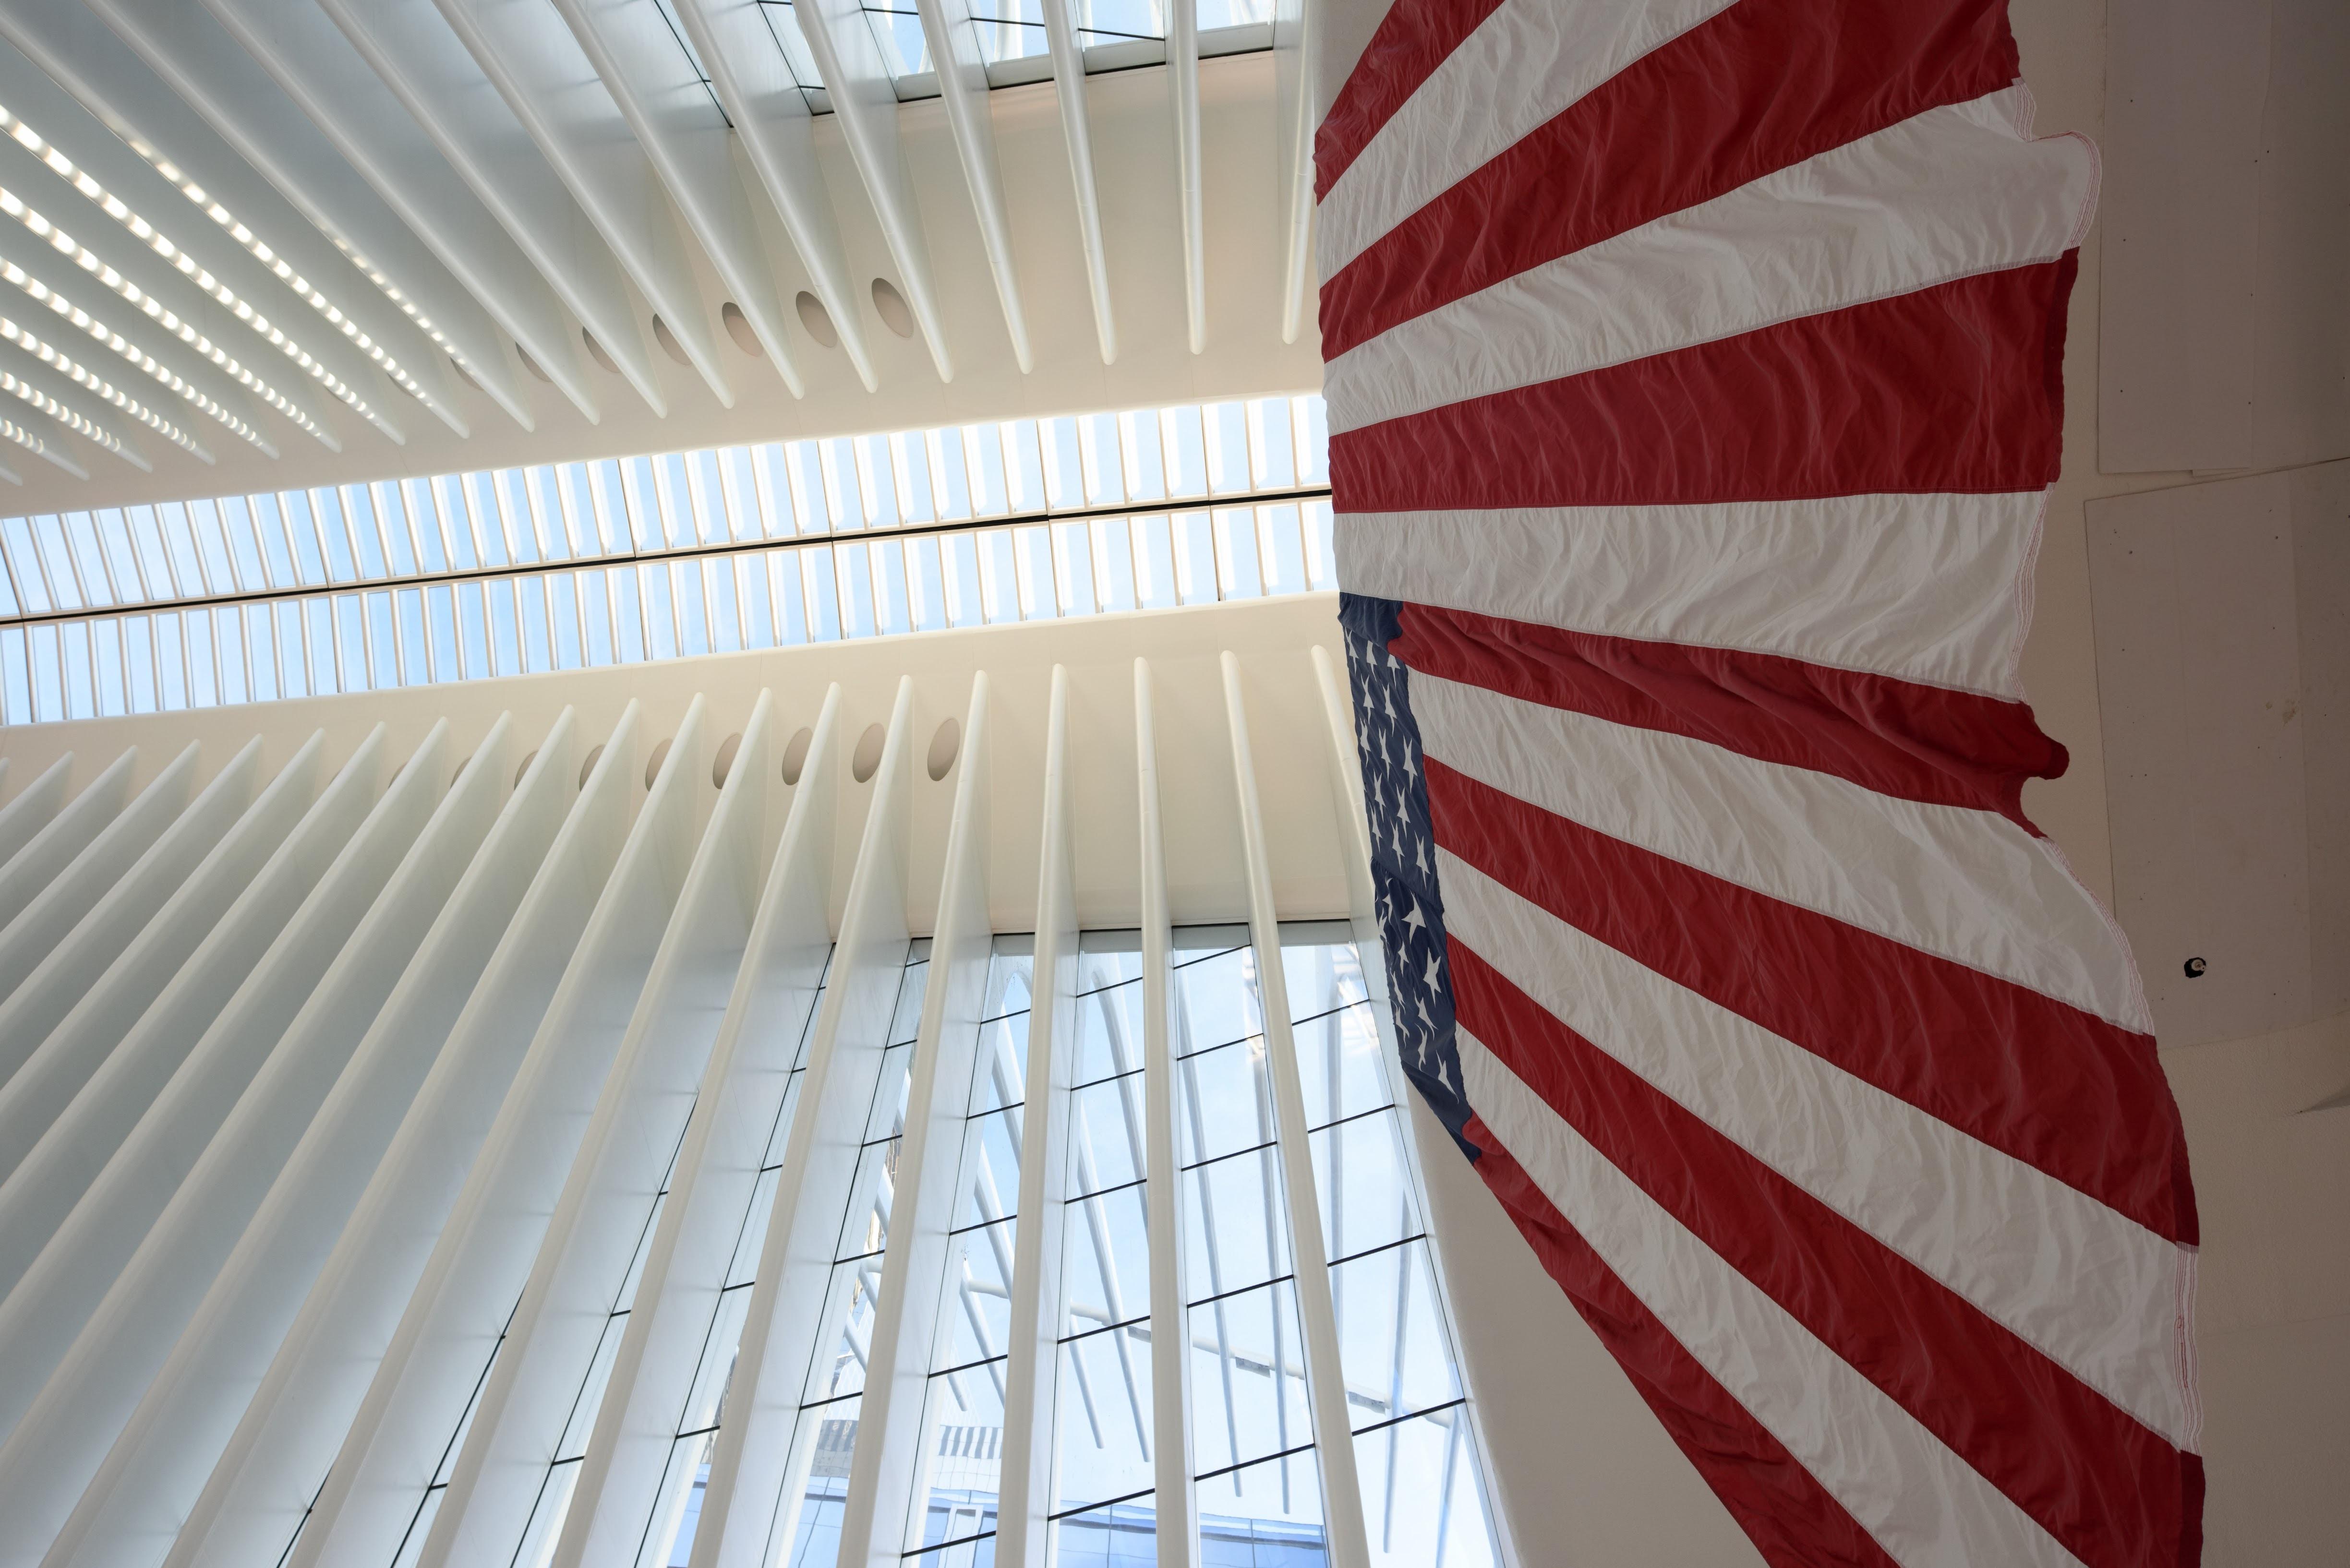 USA flag on wall